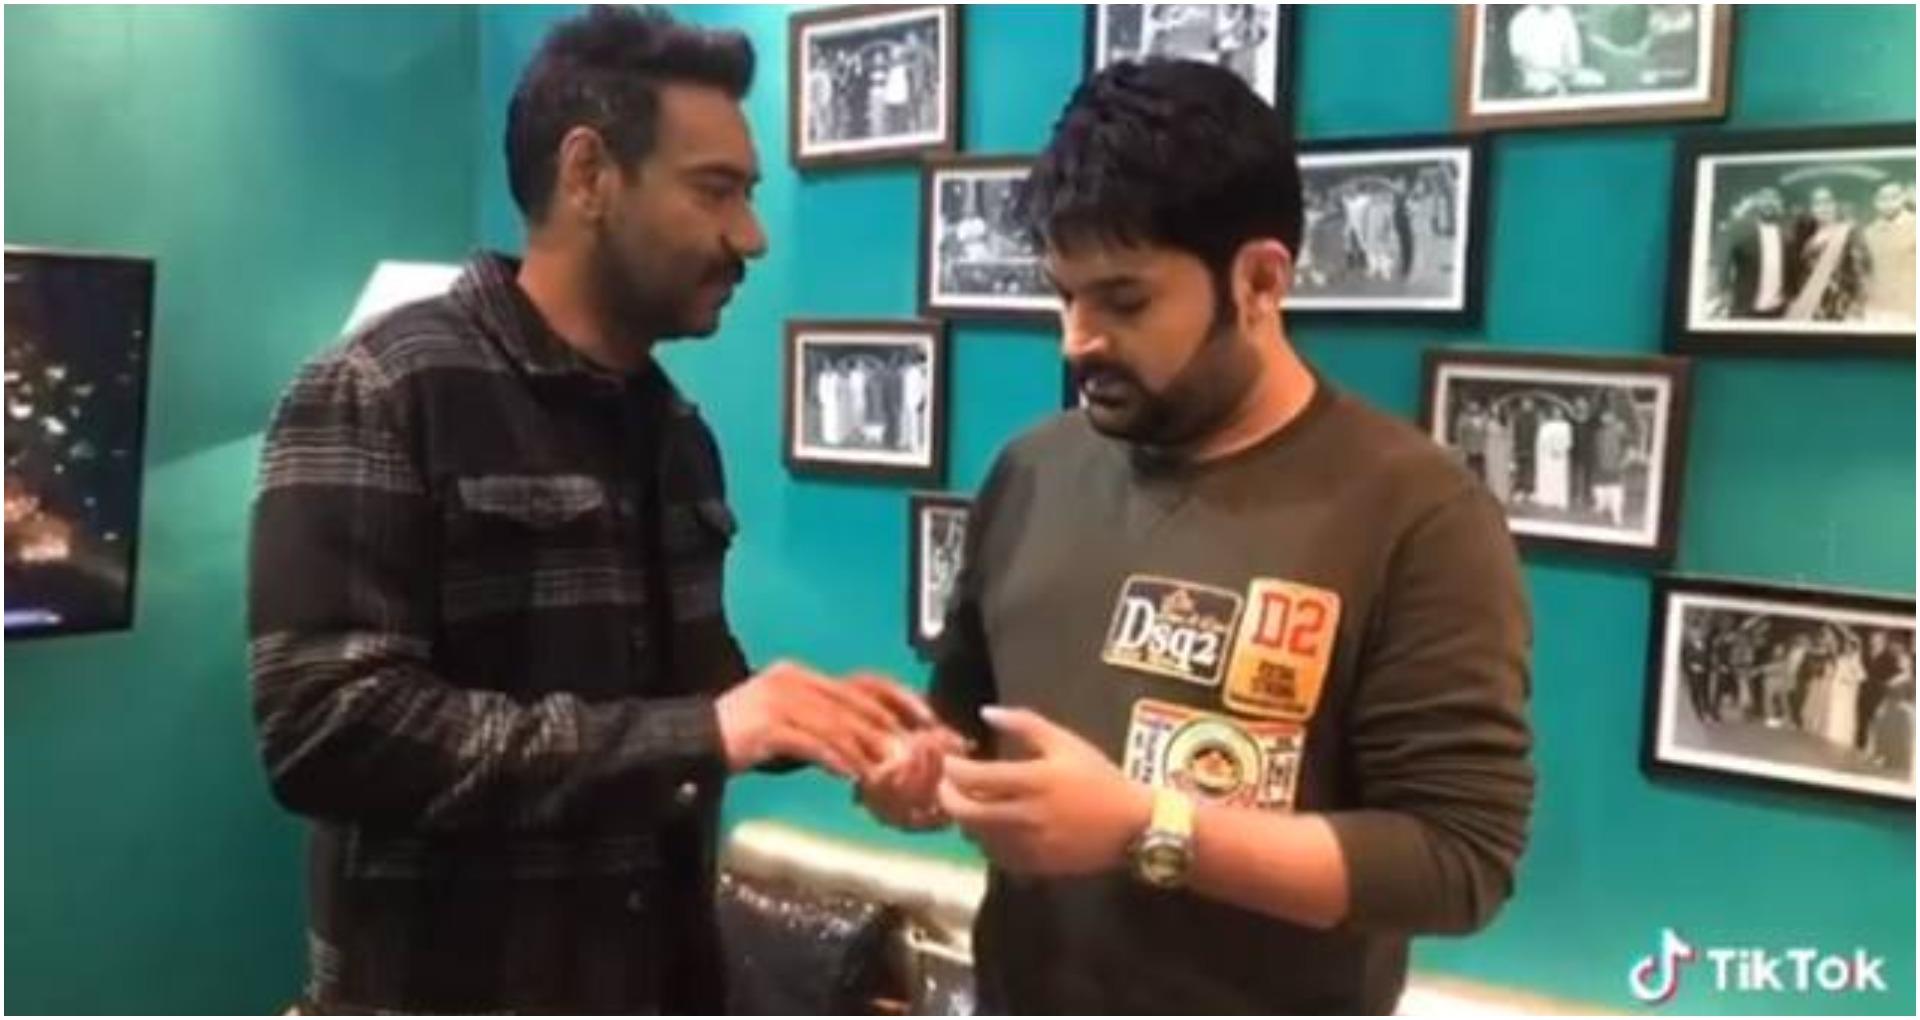 Video: कपिल शर्मा ने अजय देवगन से तानाजी के प्रमोशन के लिए ली रिश्वत, कहा – 'भ्रष्टाचार हर जगह है।'